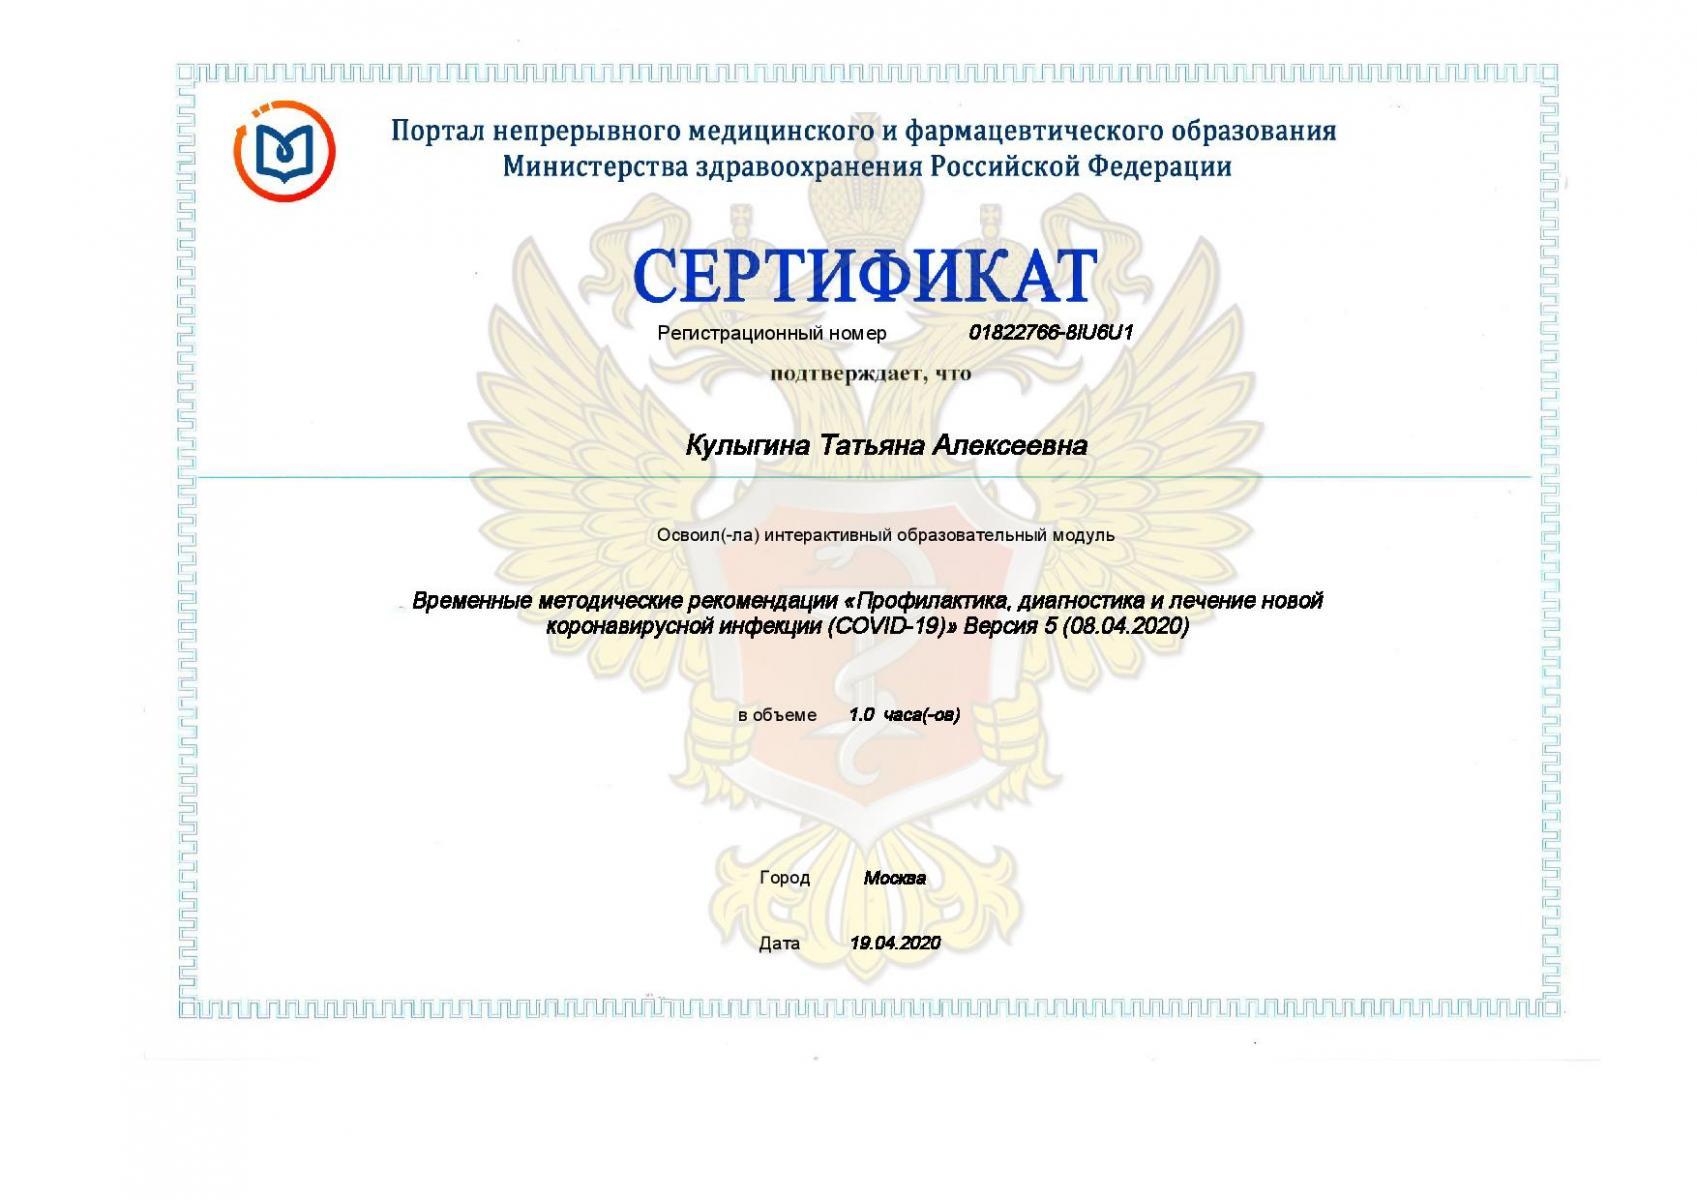 Сертификат_МУ-page-001